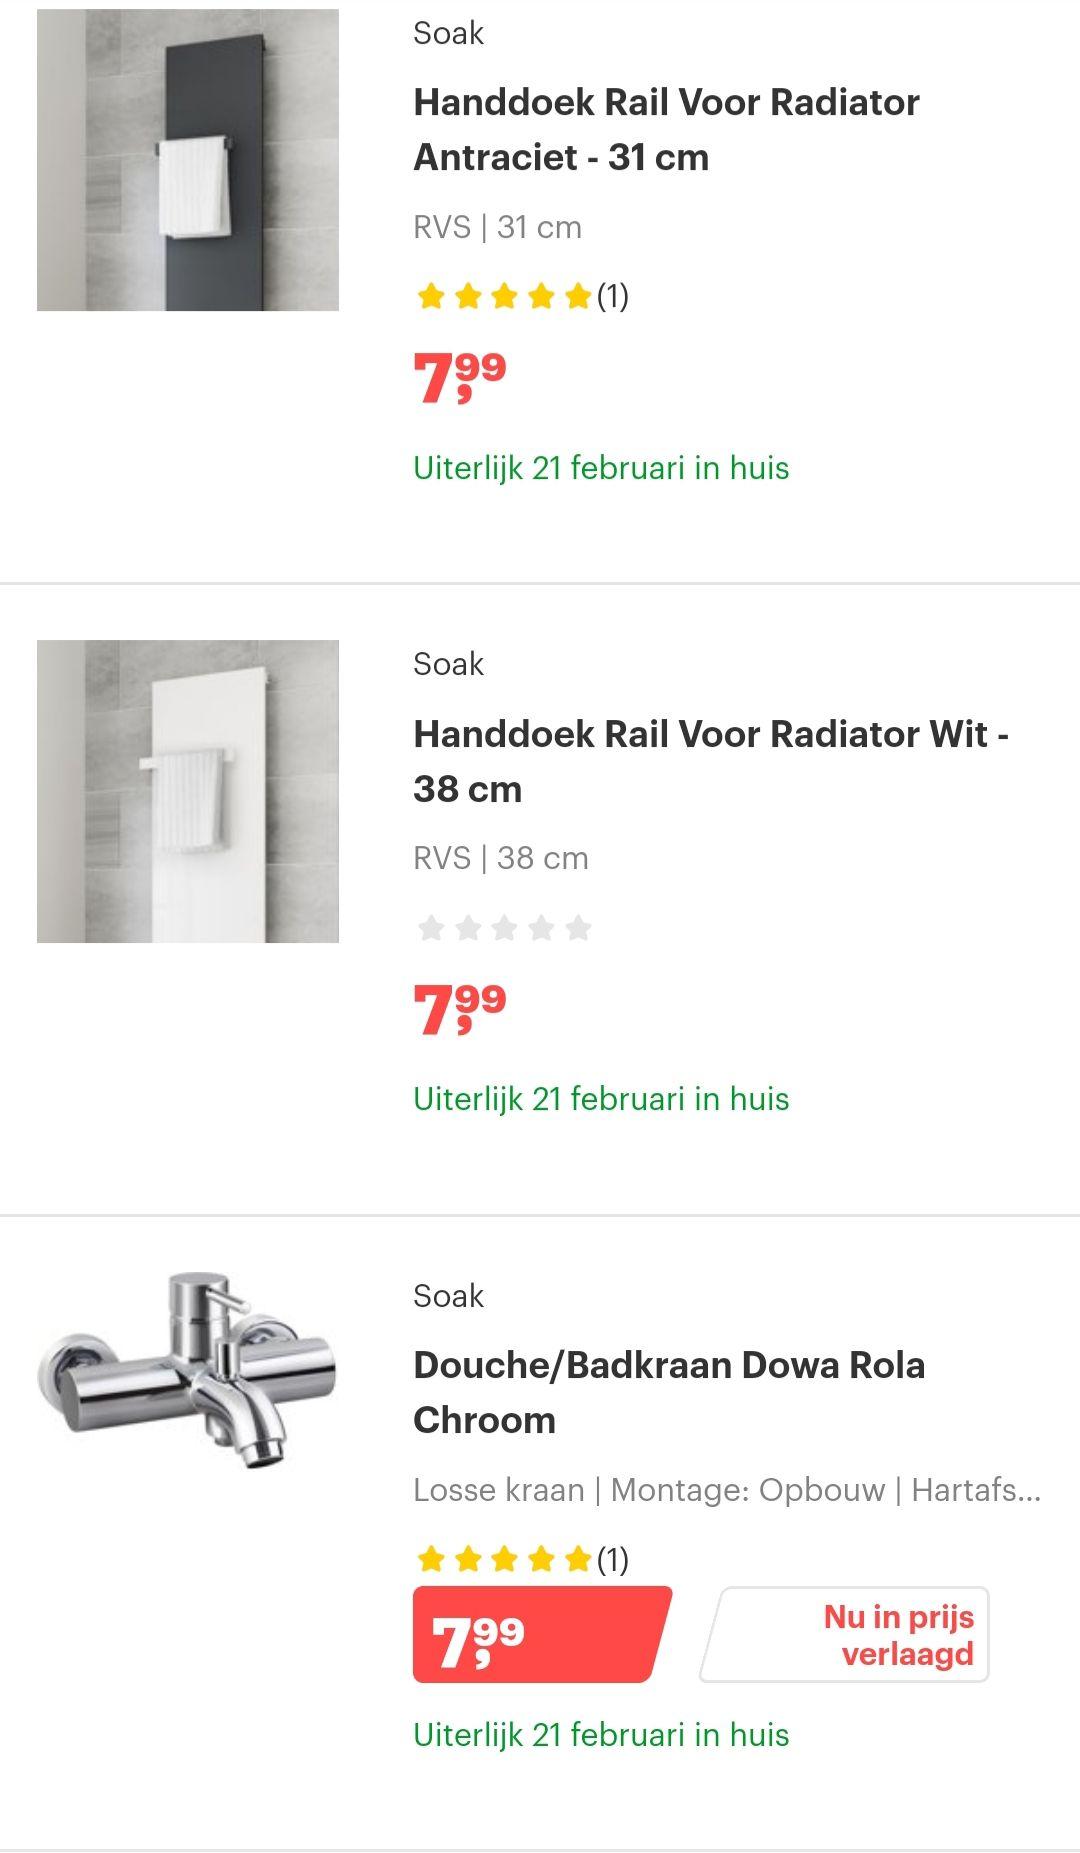 Goedkoop sanitair SOAK @bol.com kranen vanaf €7,99